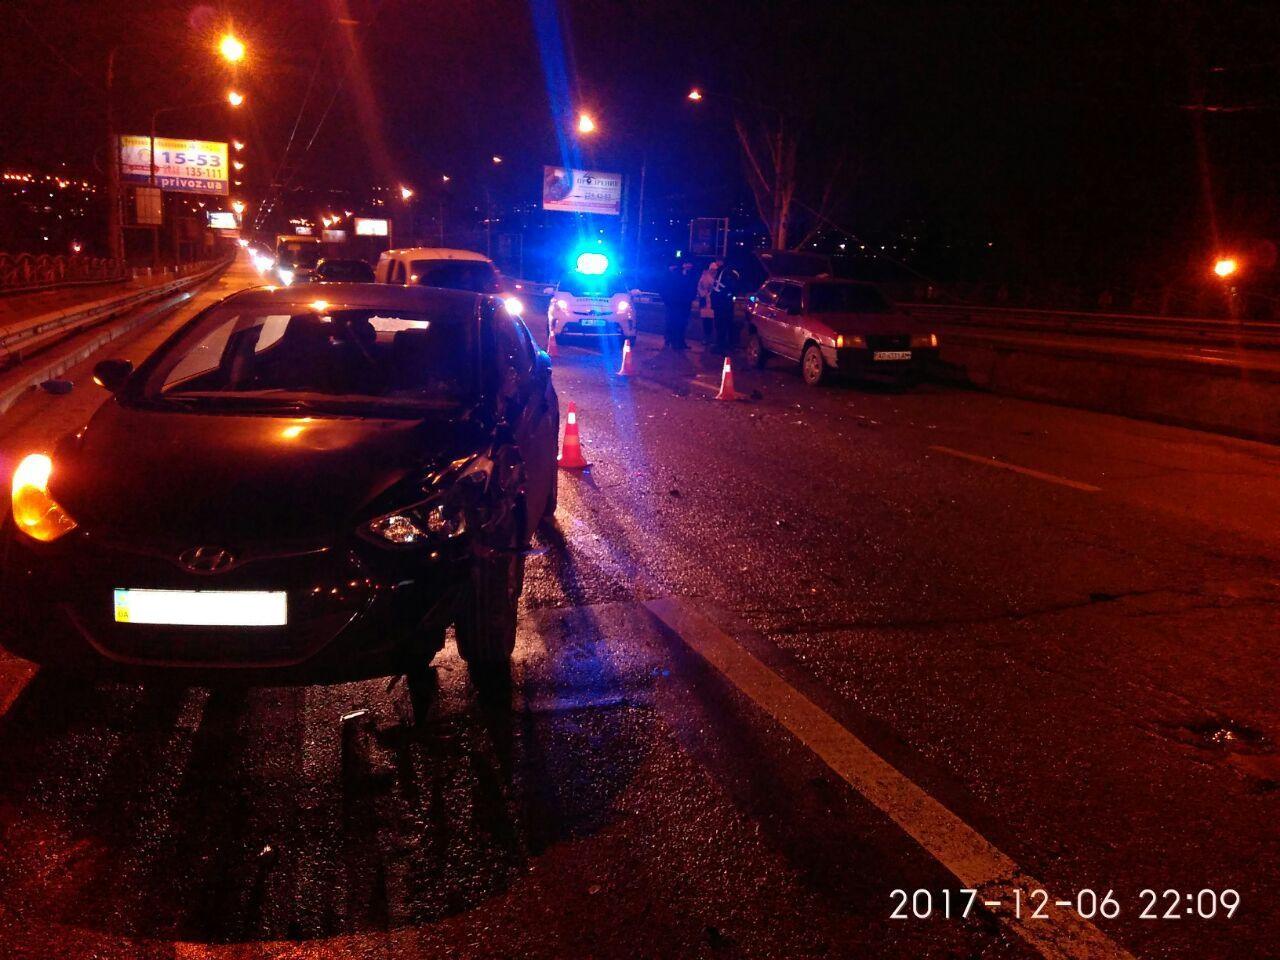 ВЗапорожье мужчине оторвало ногу врезультате дорожно-траспортного происшествия